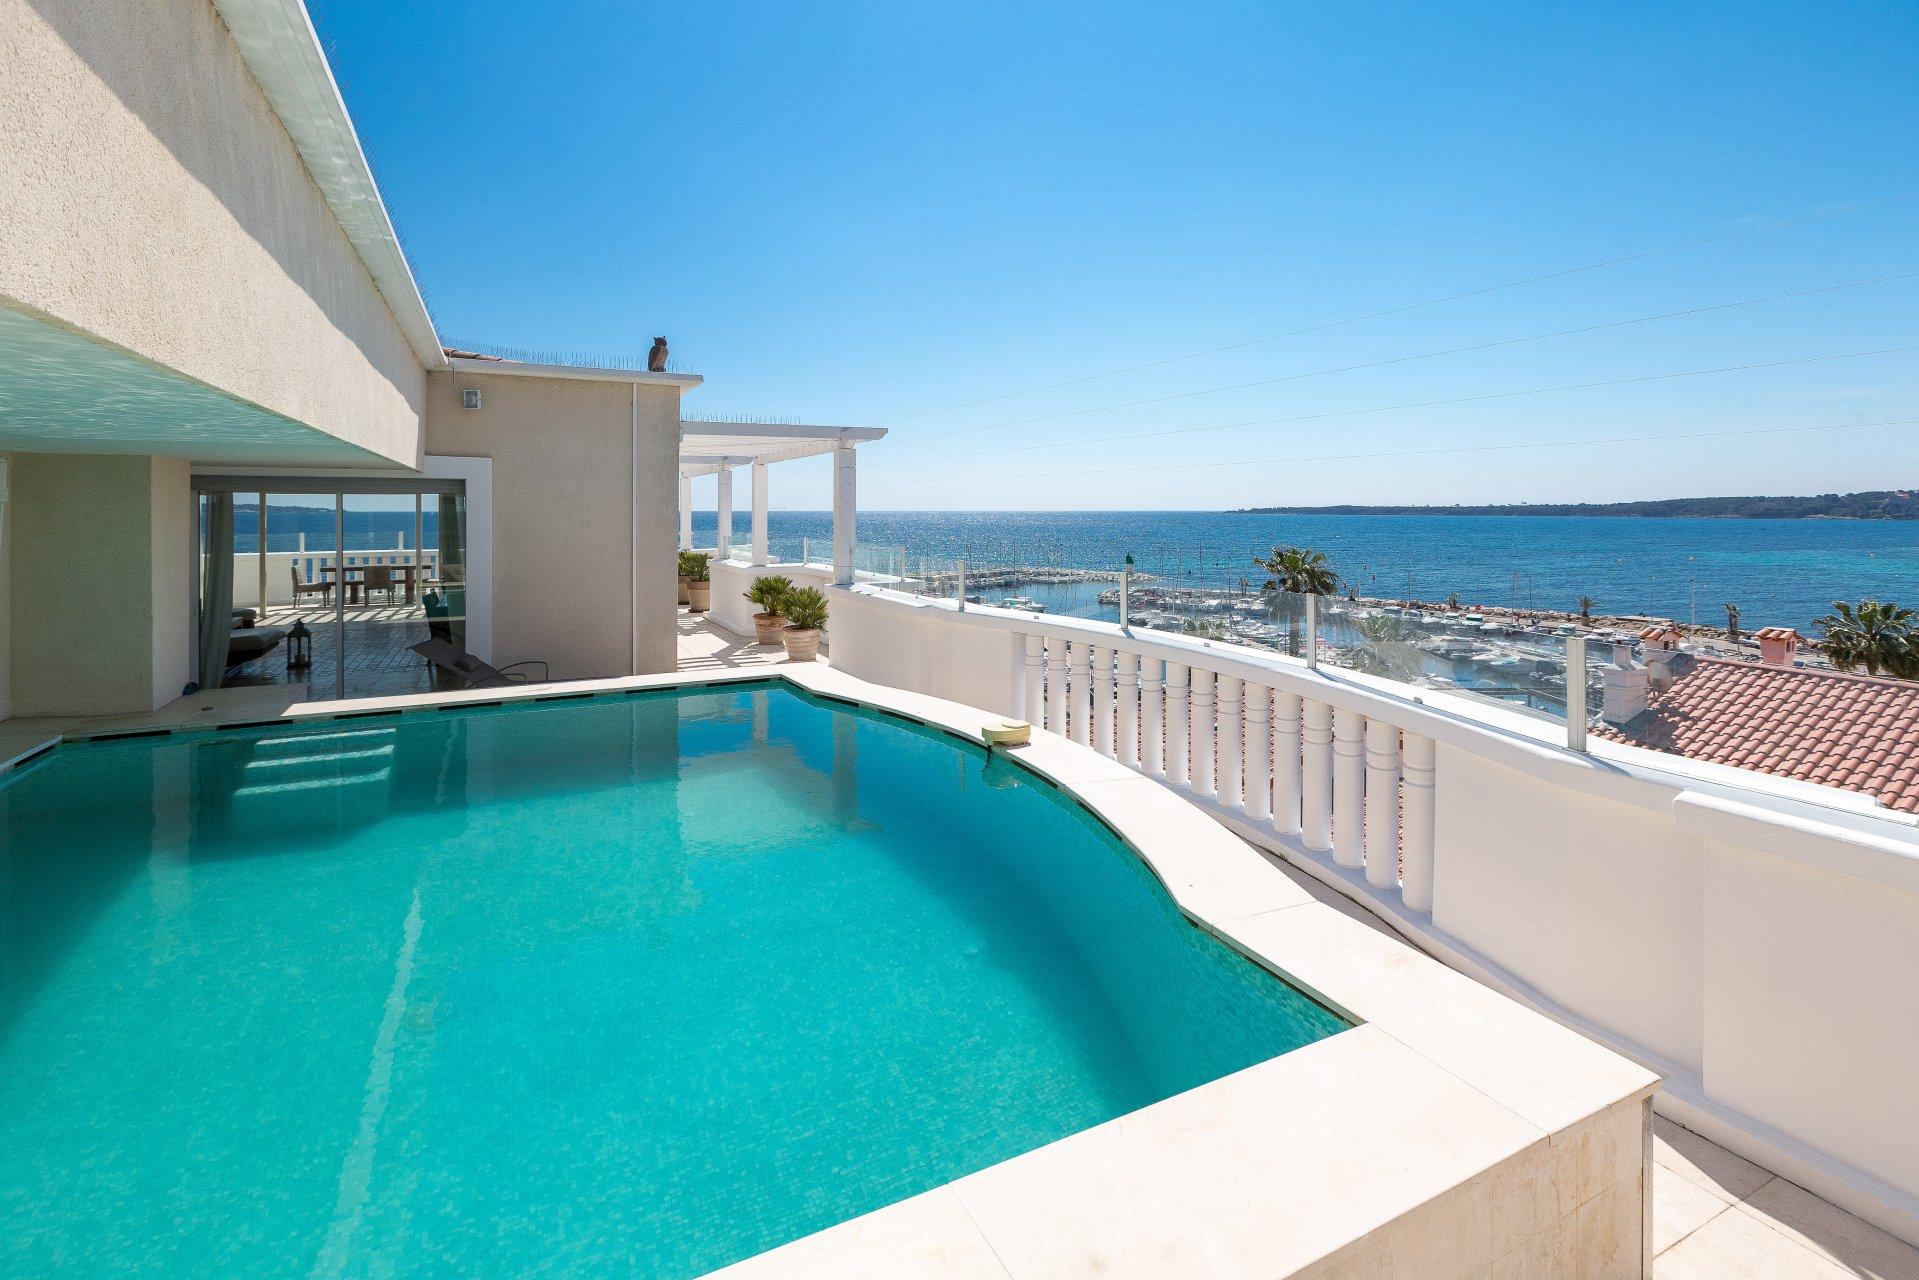 Annonce vente villa sur toit cannes palm beach 06400 7 for Interieur sud cannes